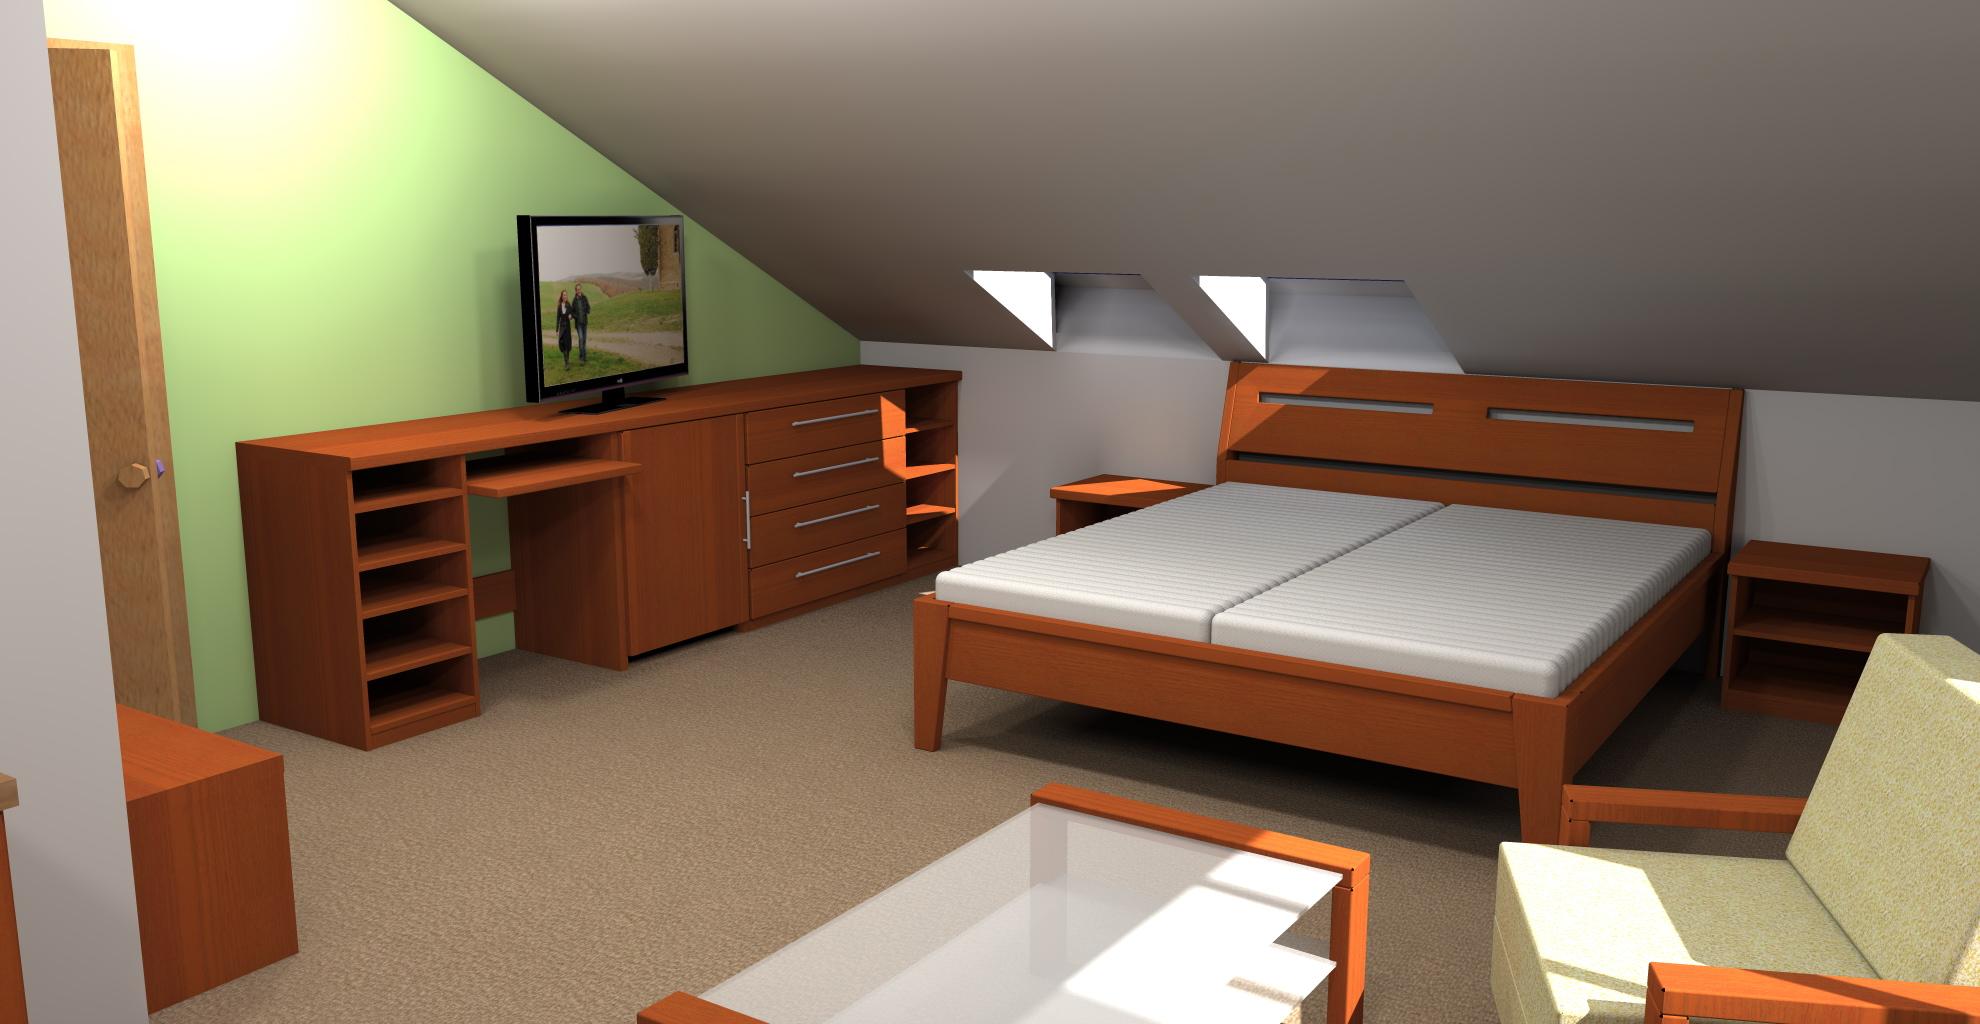 Plánujete vybavenie bytu, hotela, penziónu, reštaurácie ...?